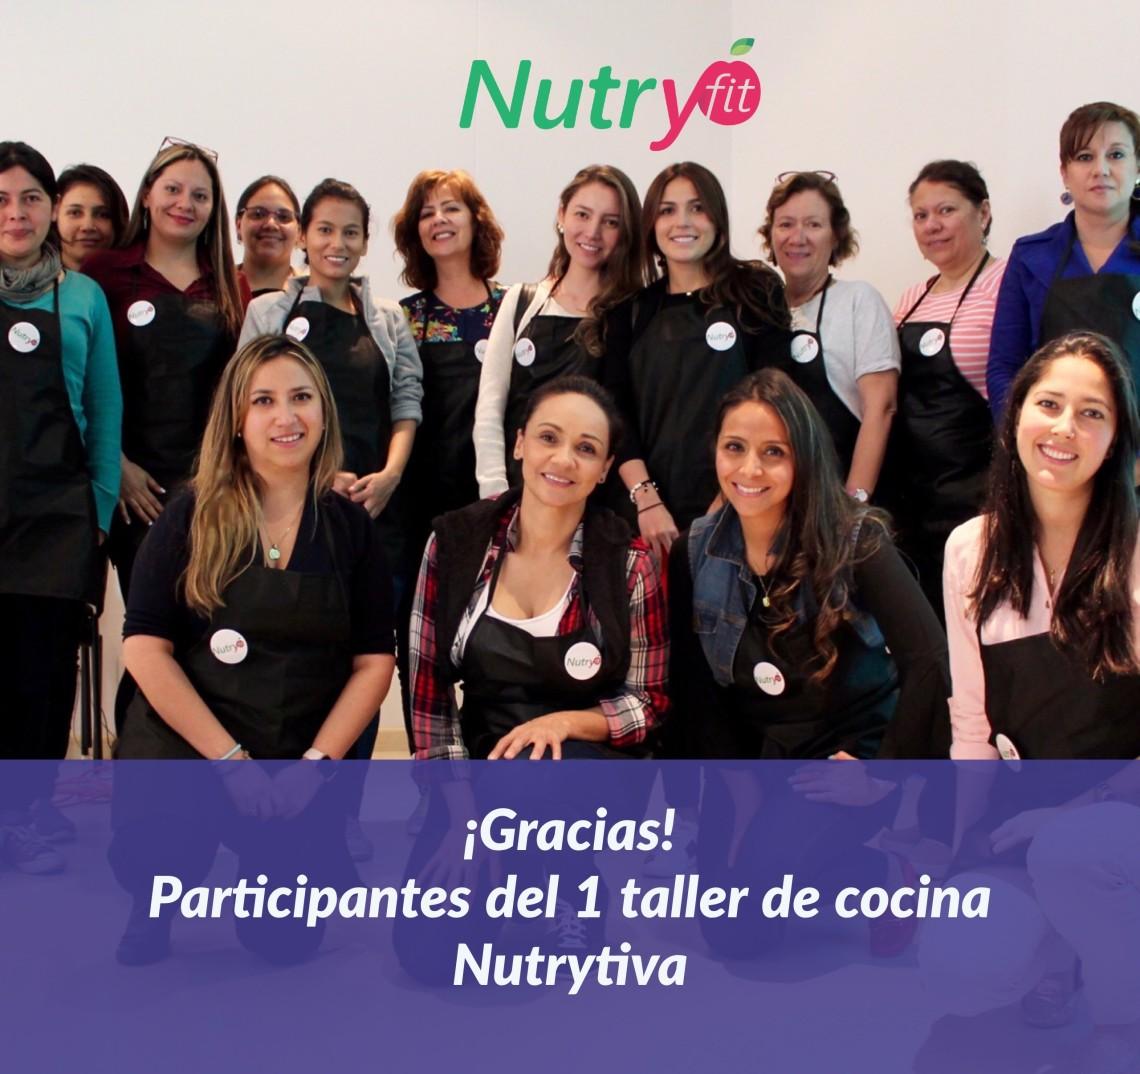 nutricionista, Nutricionista bogota, nutricionista Diana Rojas, nutryfit